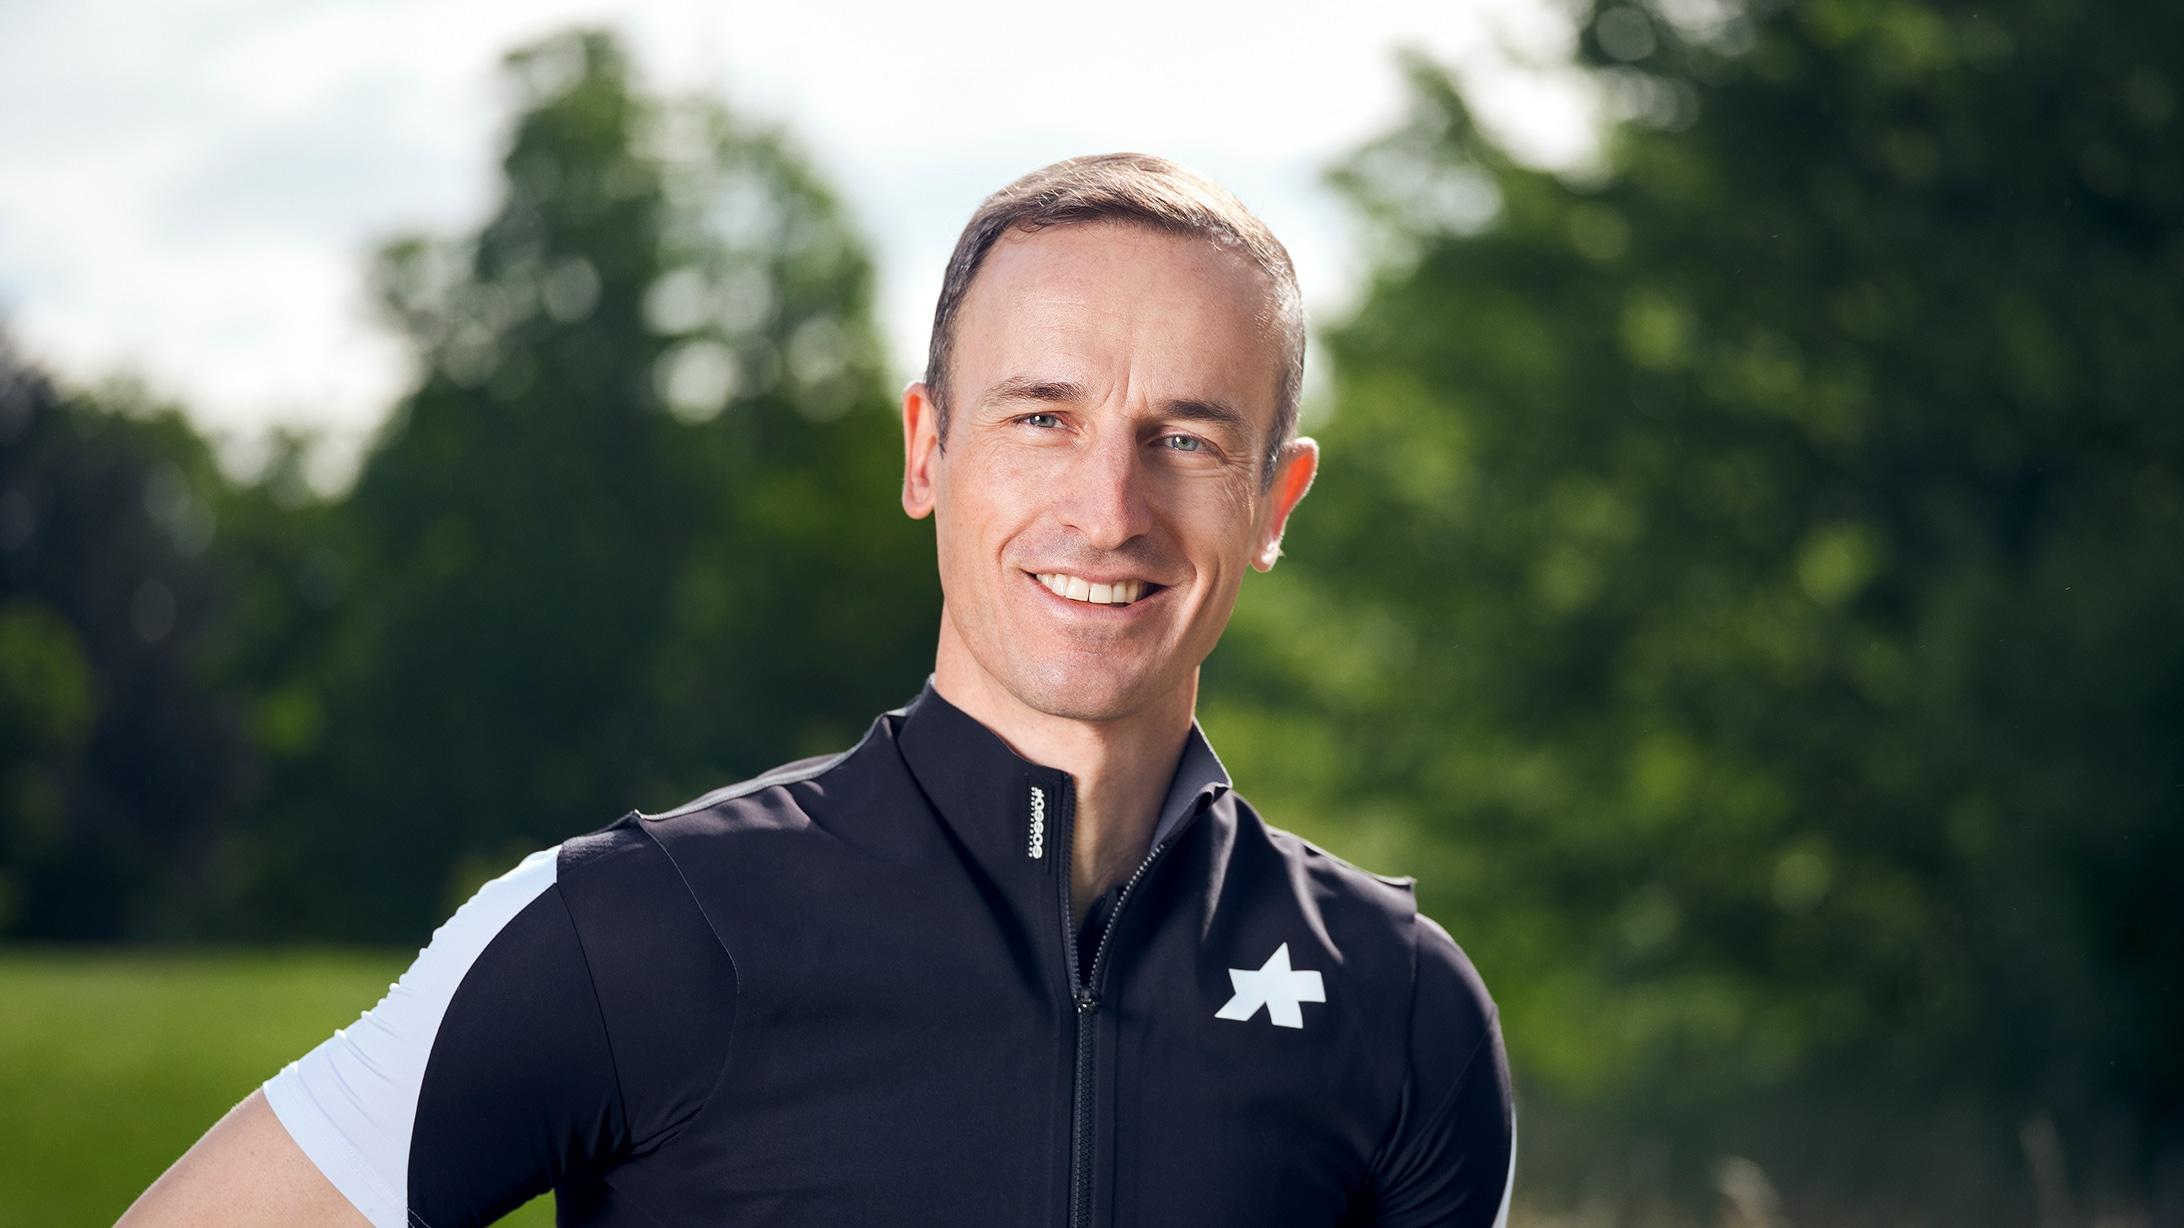 Portraitbild von Tobias Bühler, Leitender Arzt Orthopädie. Er kennt das Knacken in der Hüfte aus eigener Erfahrung.